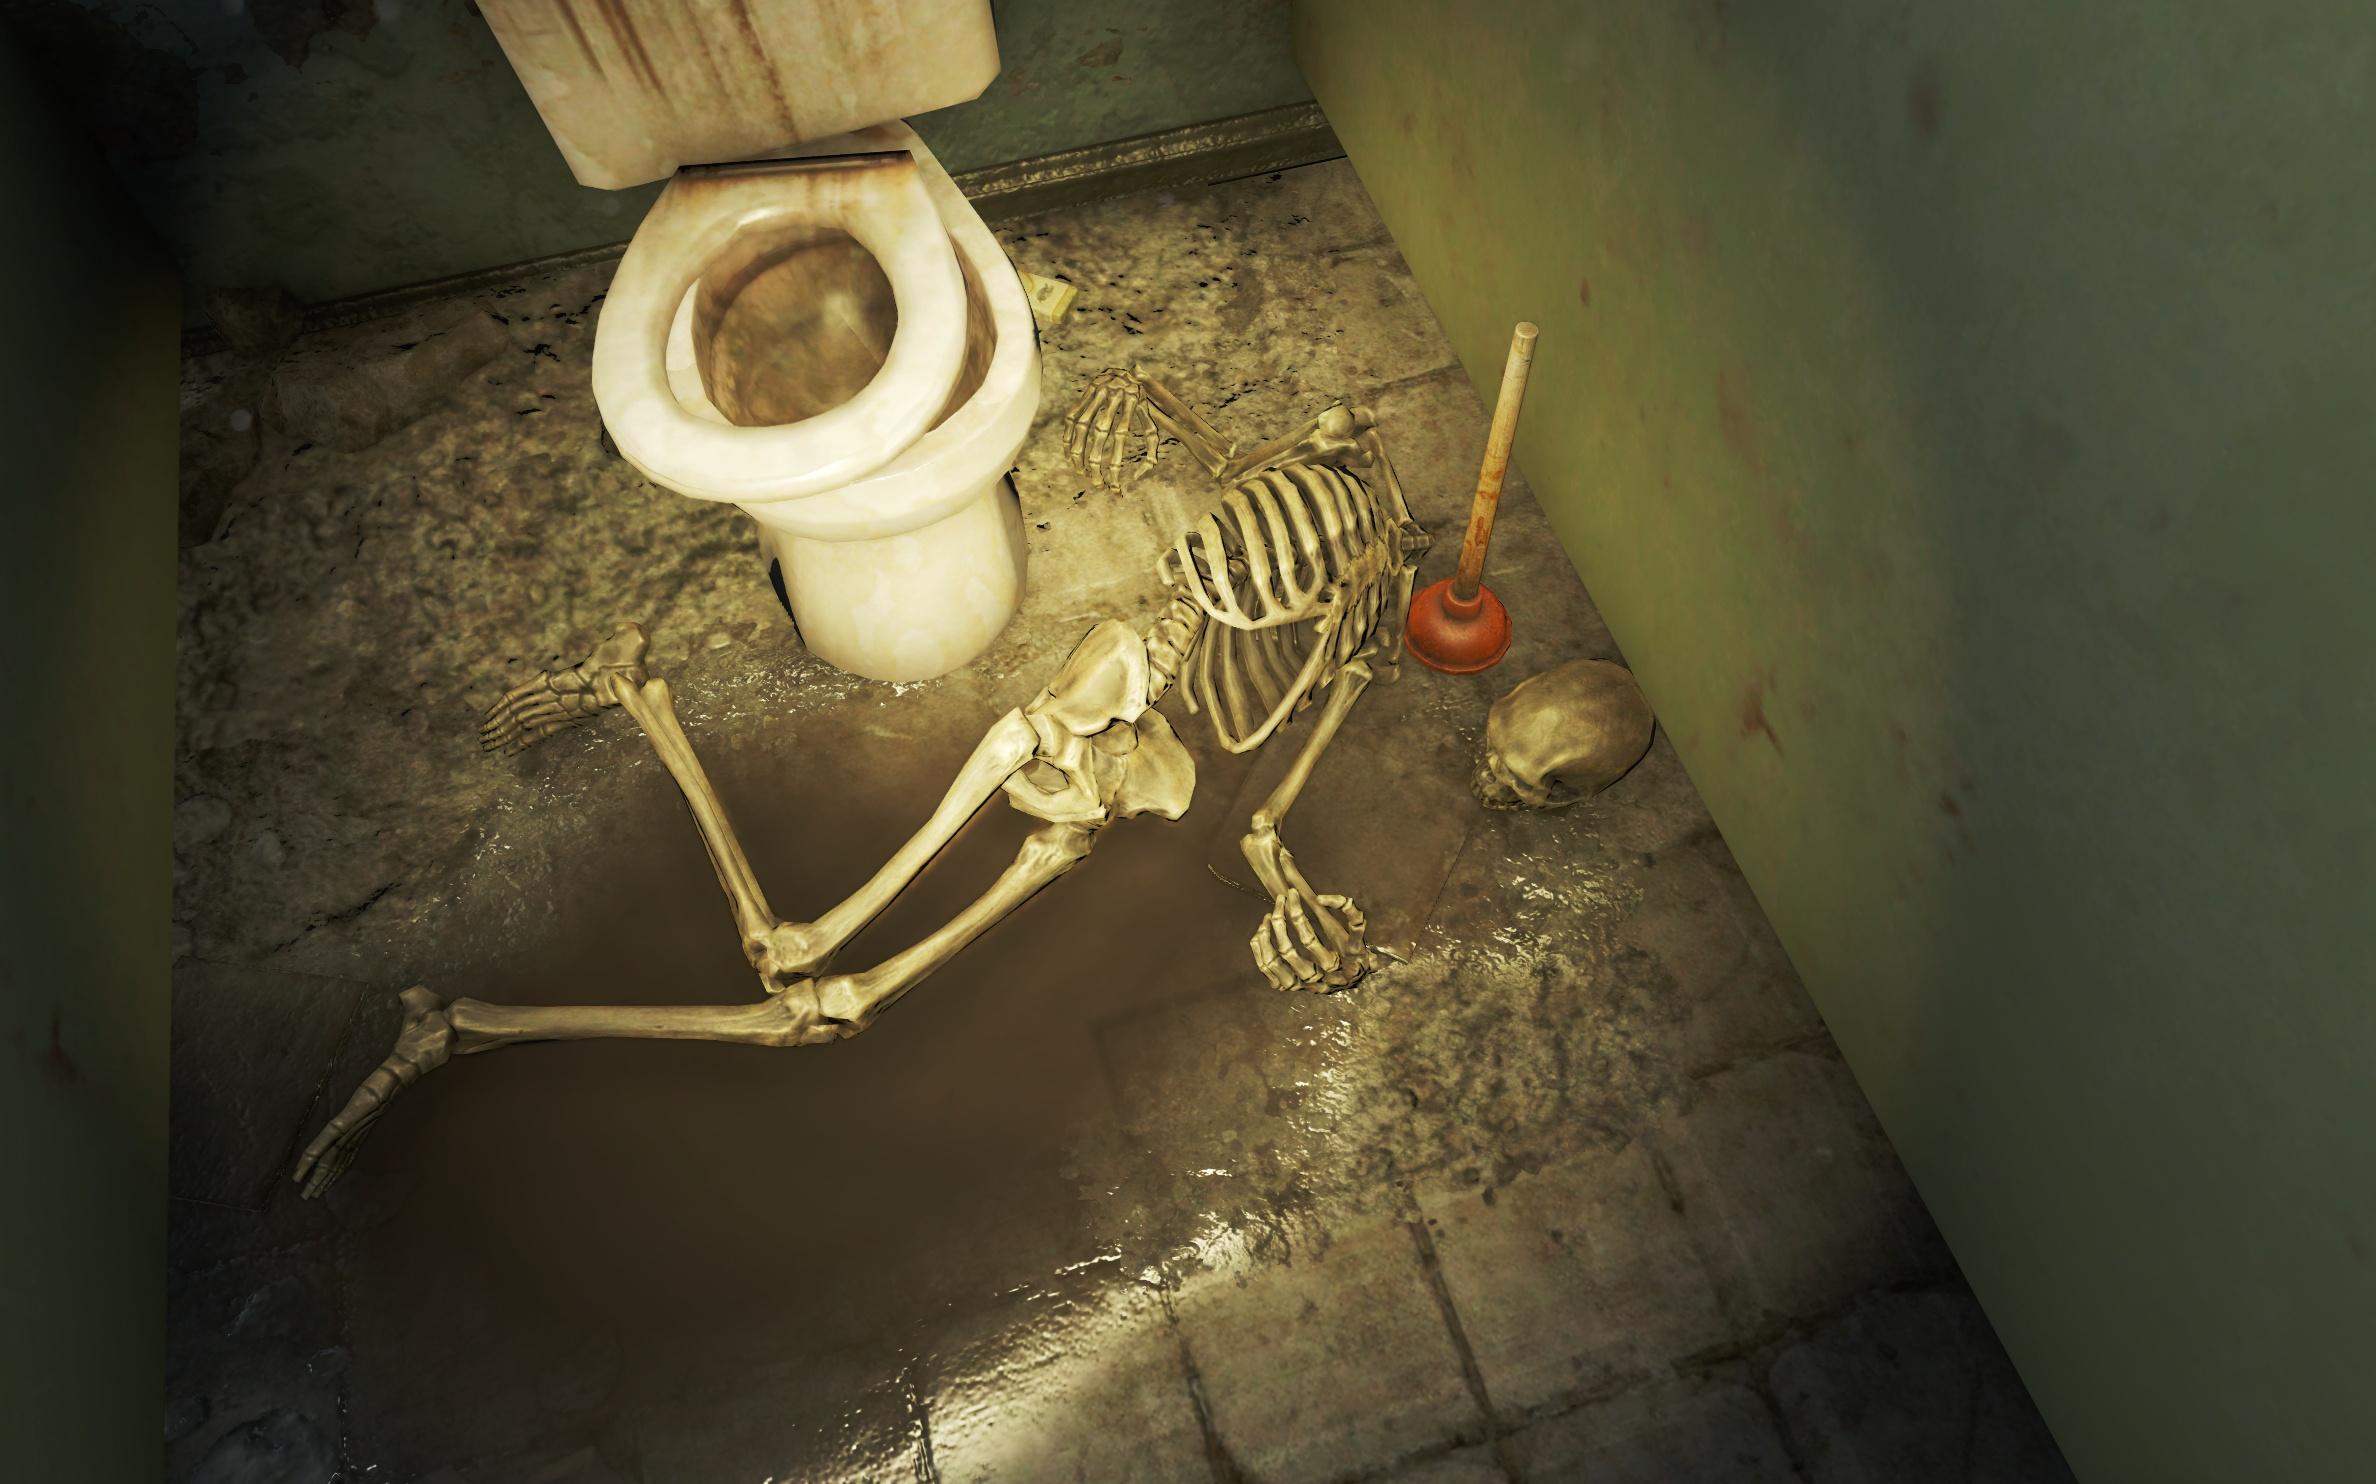 Убили вантузом (школа в Южном Бостоне) - Fallout 4 вантуз, Скелет, школа, школа в Южном Бостоне, Южный Бостон